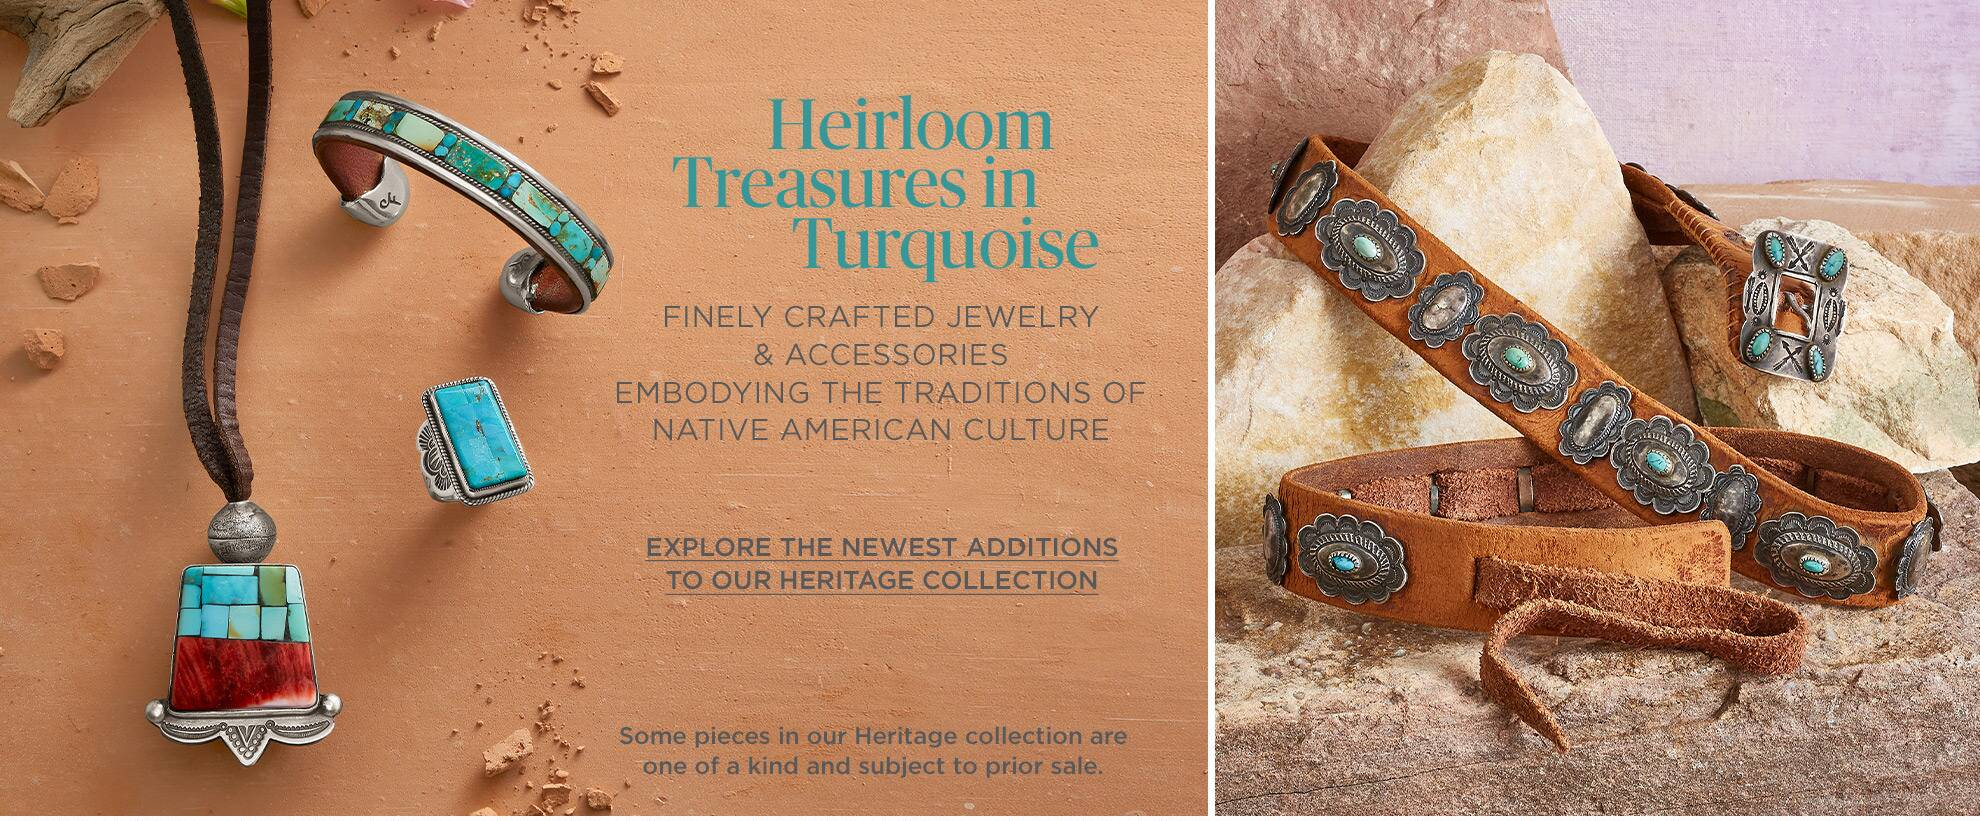 Heritage Jewelry